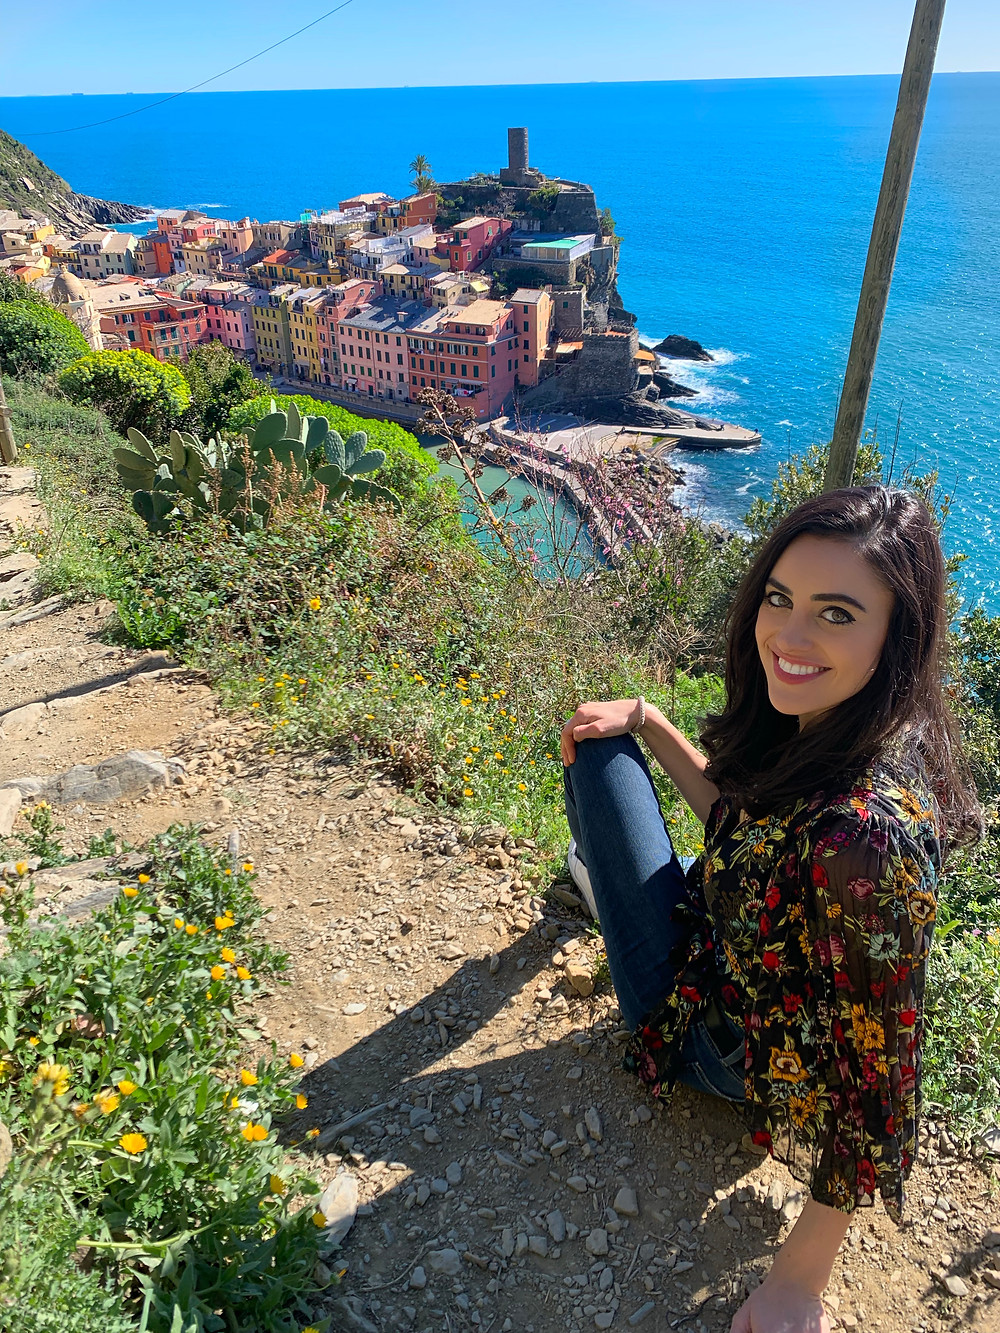 Cinque Terre, Italy - Travel